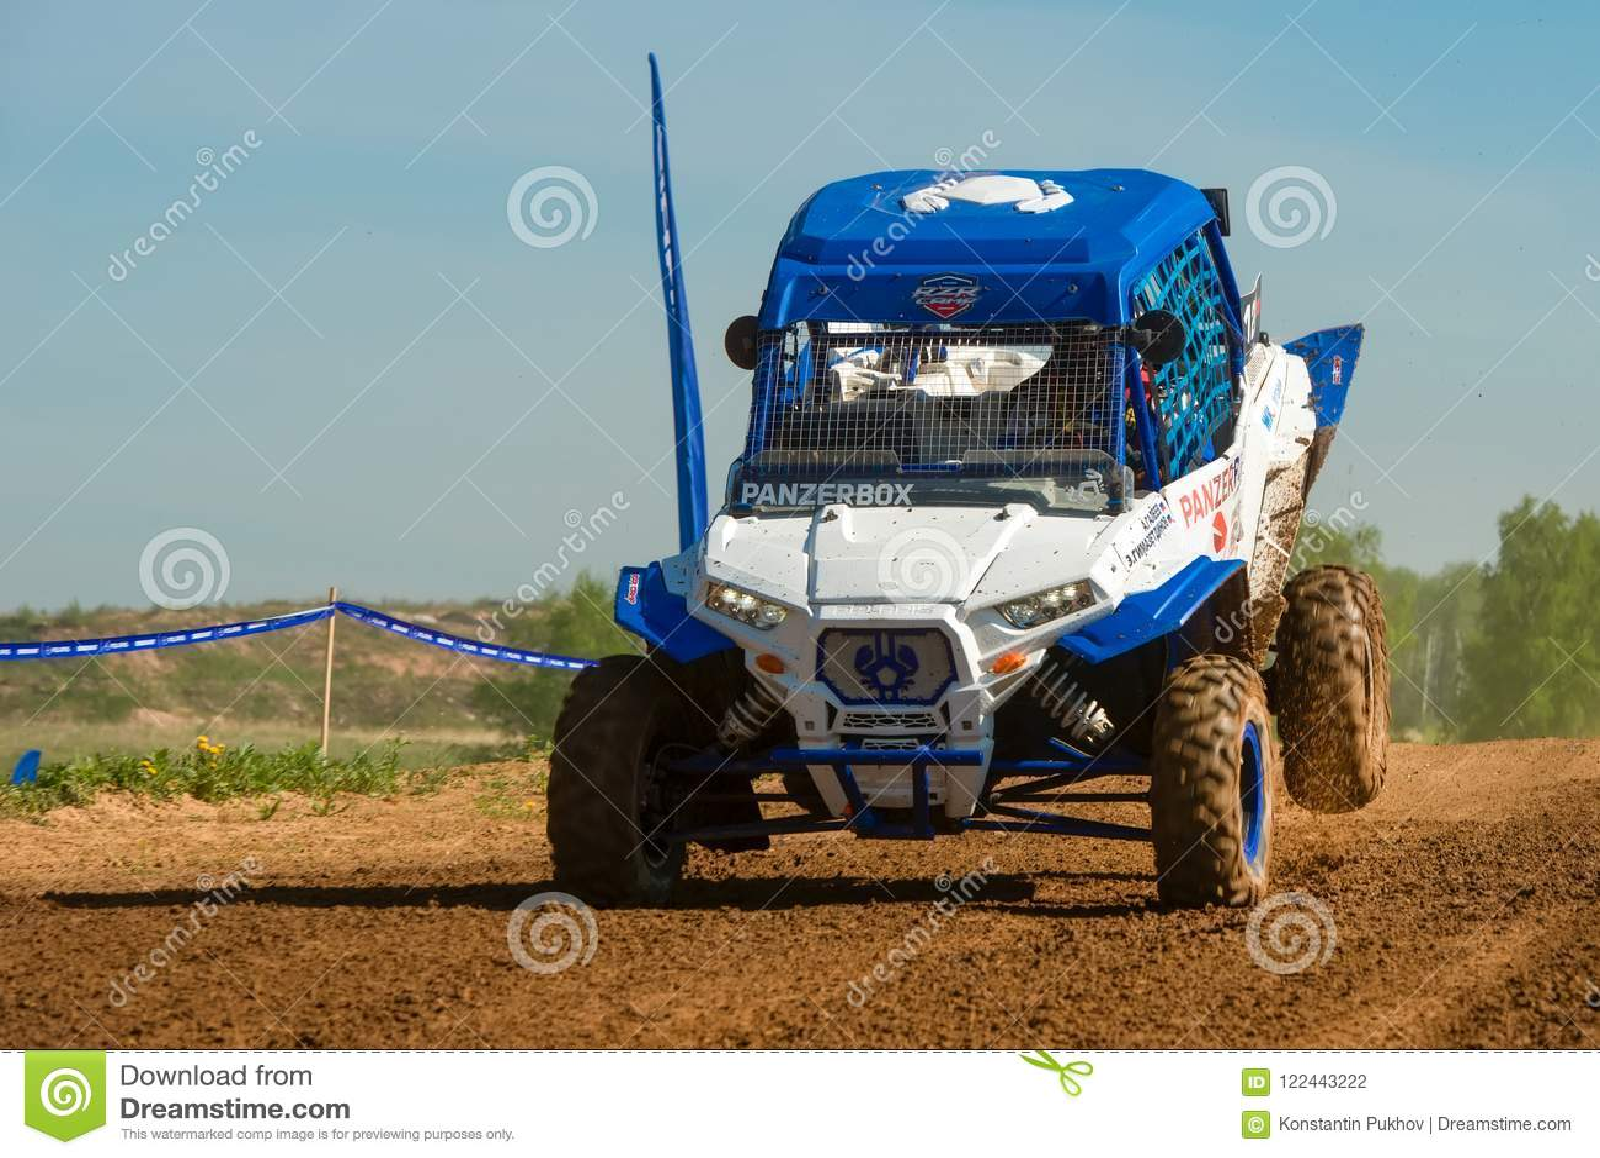 Дефектные земли на передних колесах